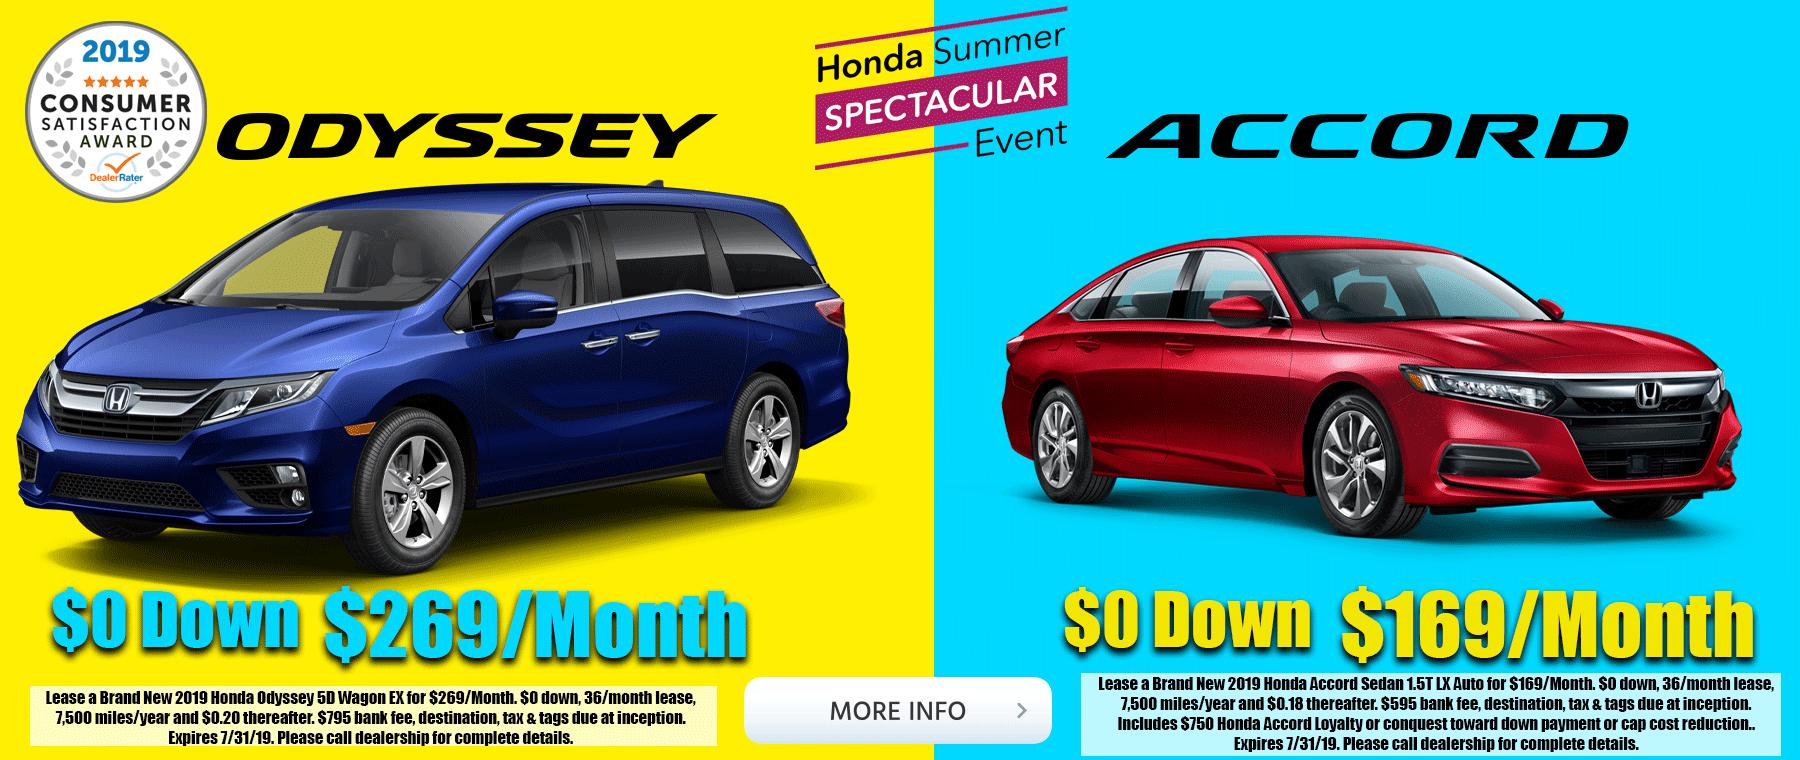 Honda Accord Honda Odyssey